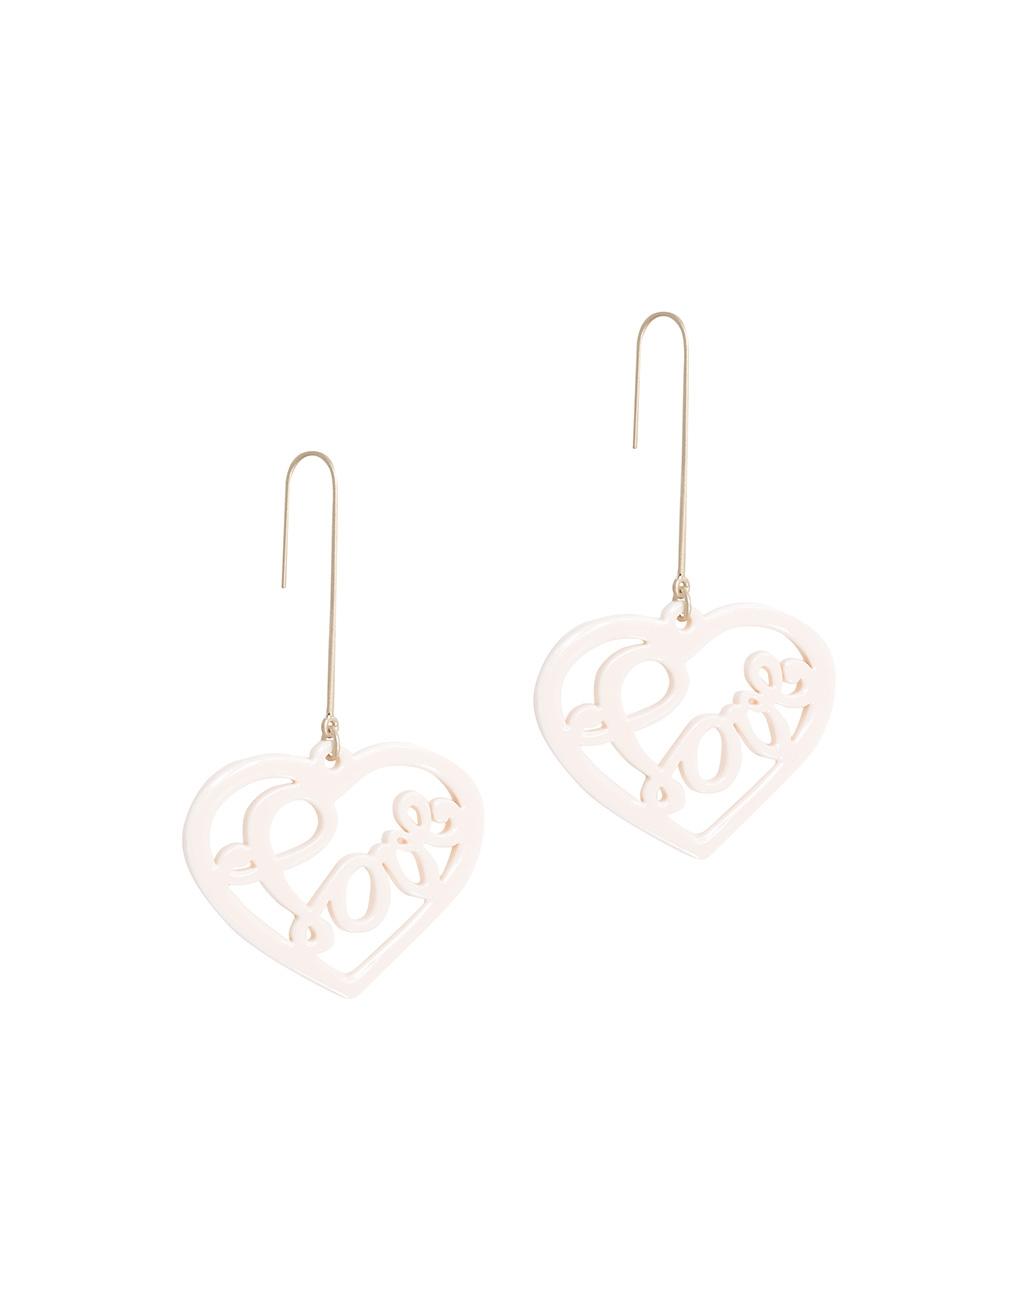 The Lovestruck Mini Earring